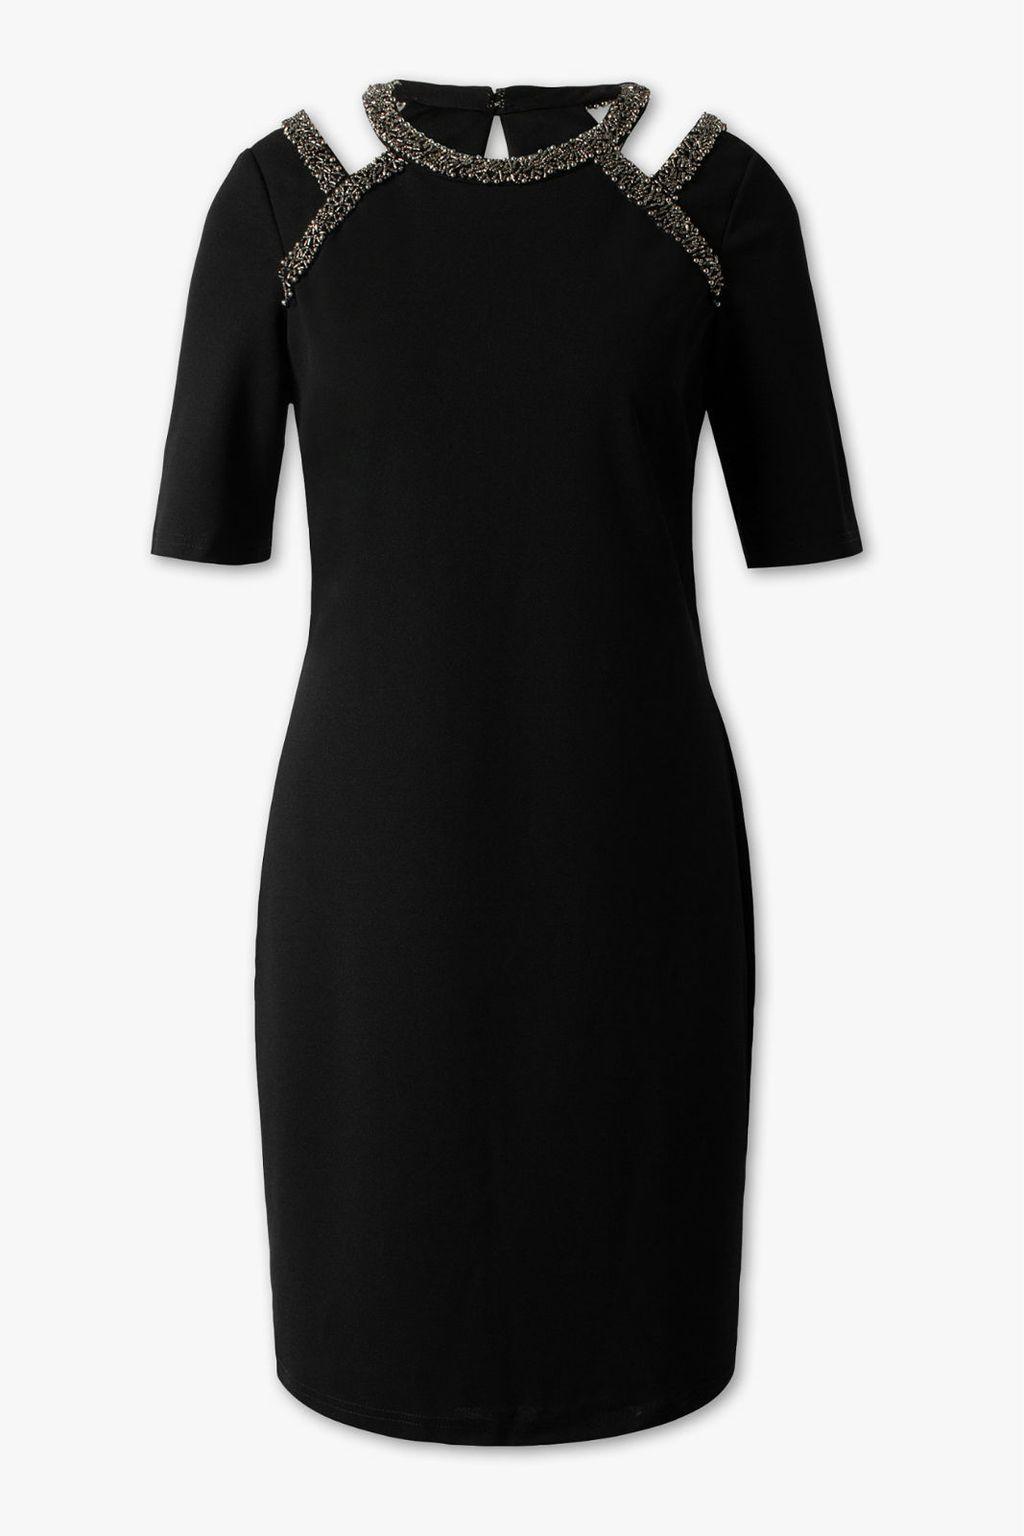 Mala crna haljina iz trgovina 2019. - 8